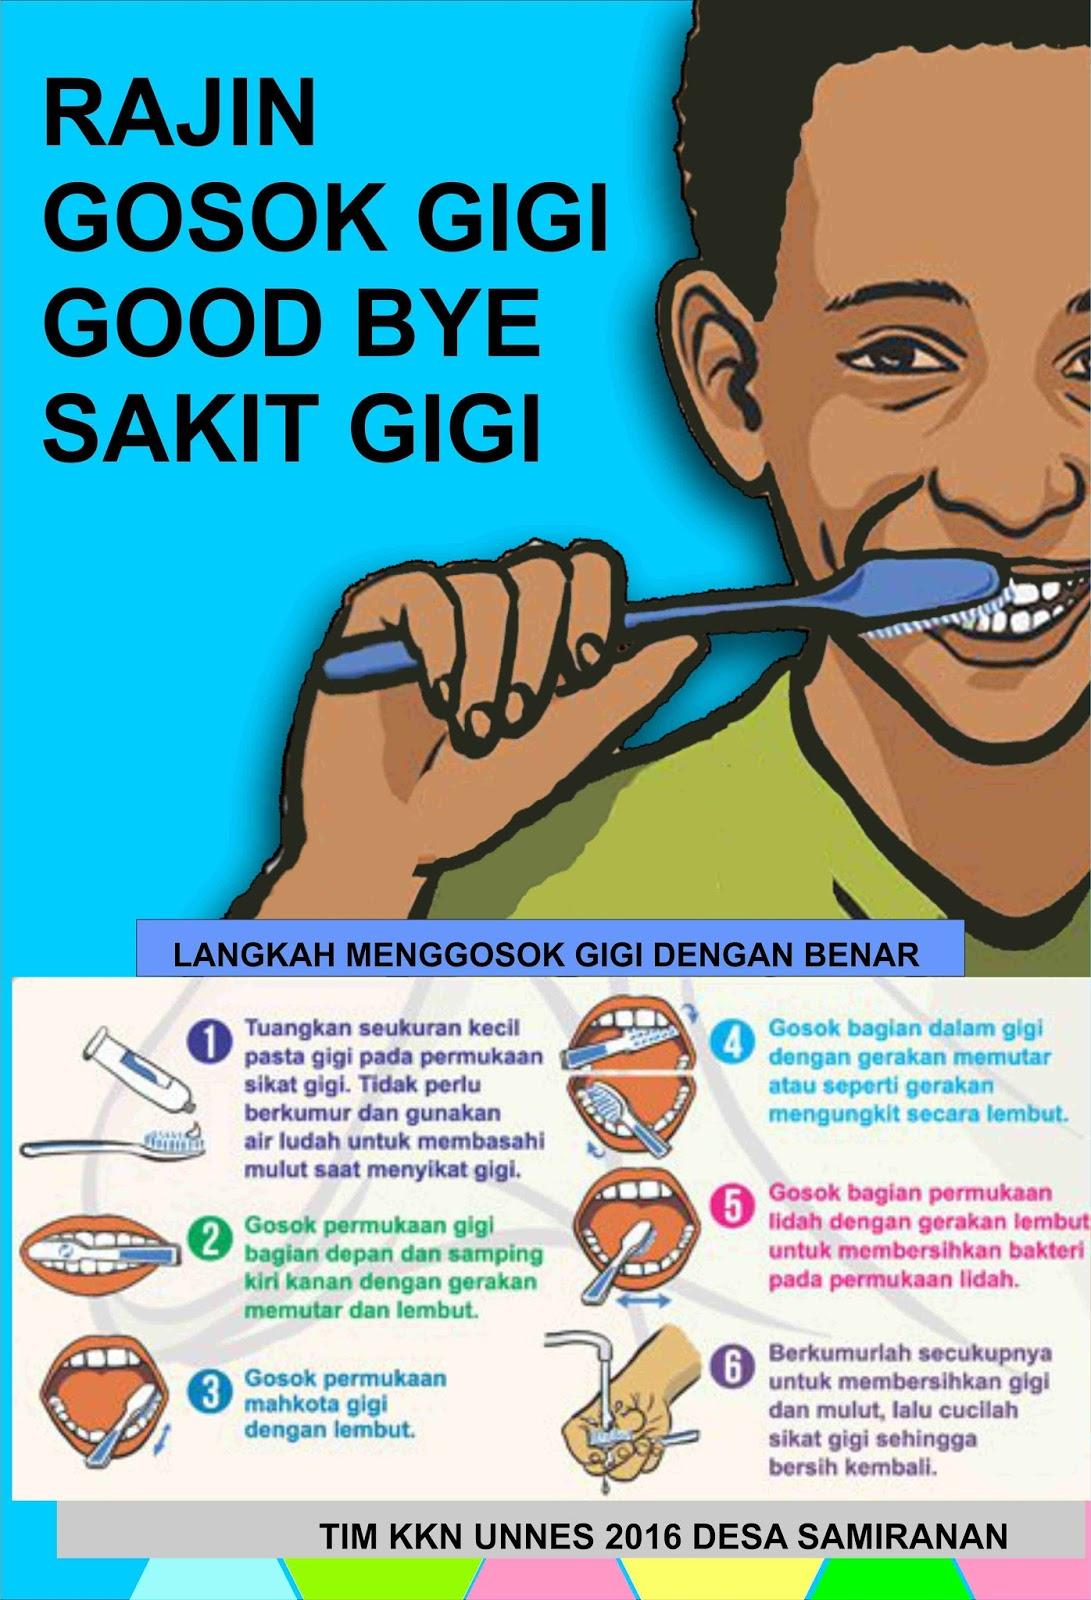 Desain Poster Gosok Gigi  WAROENG ALAM